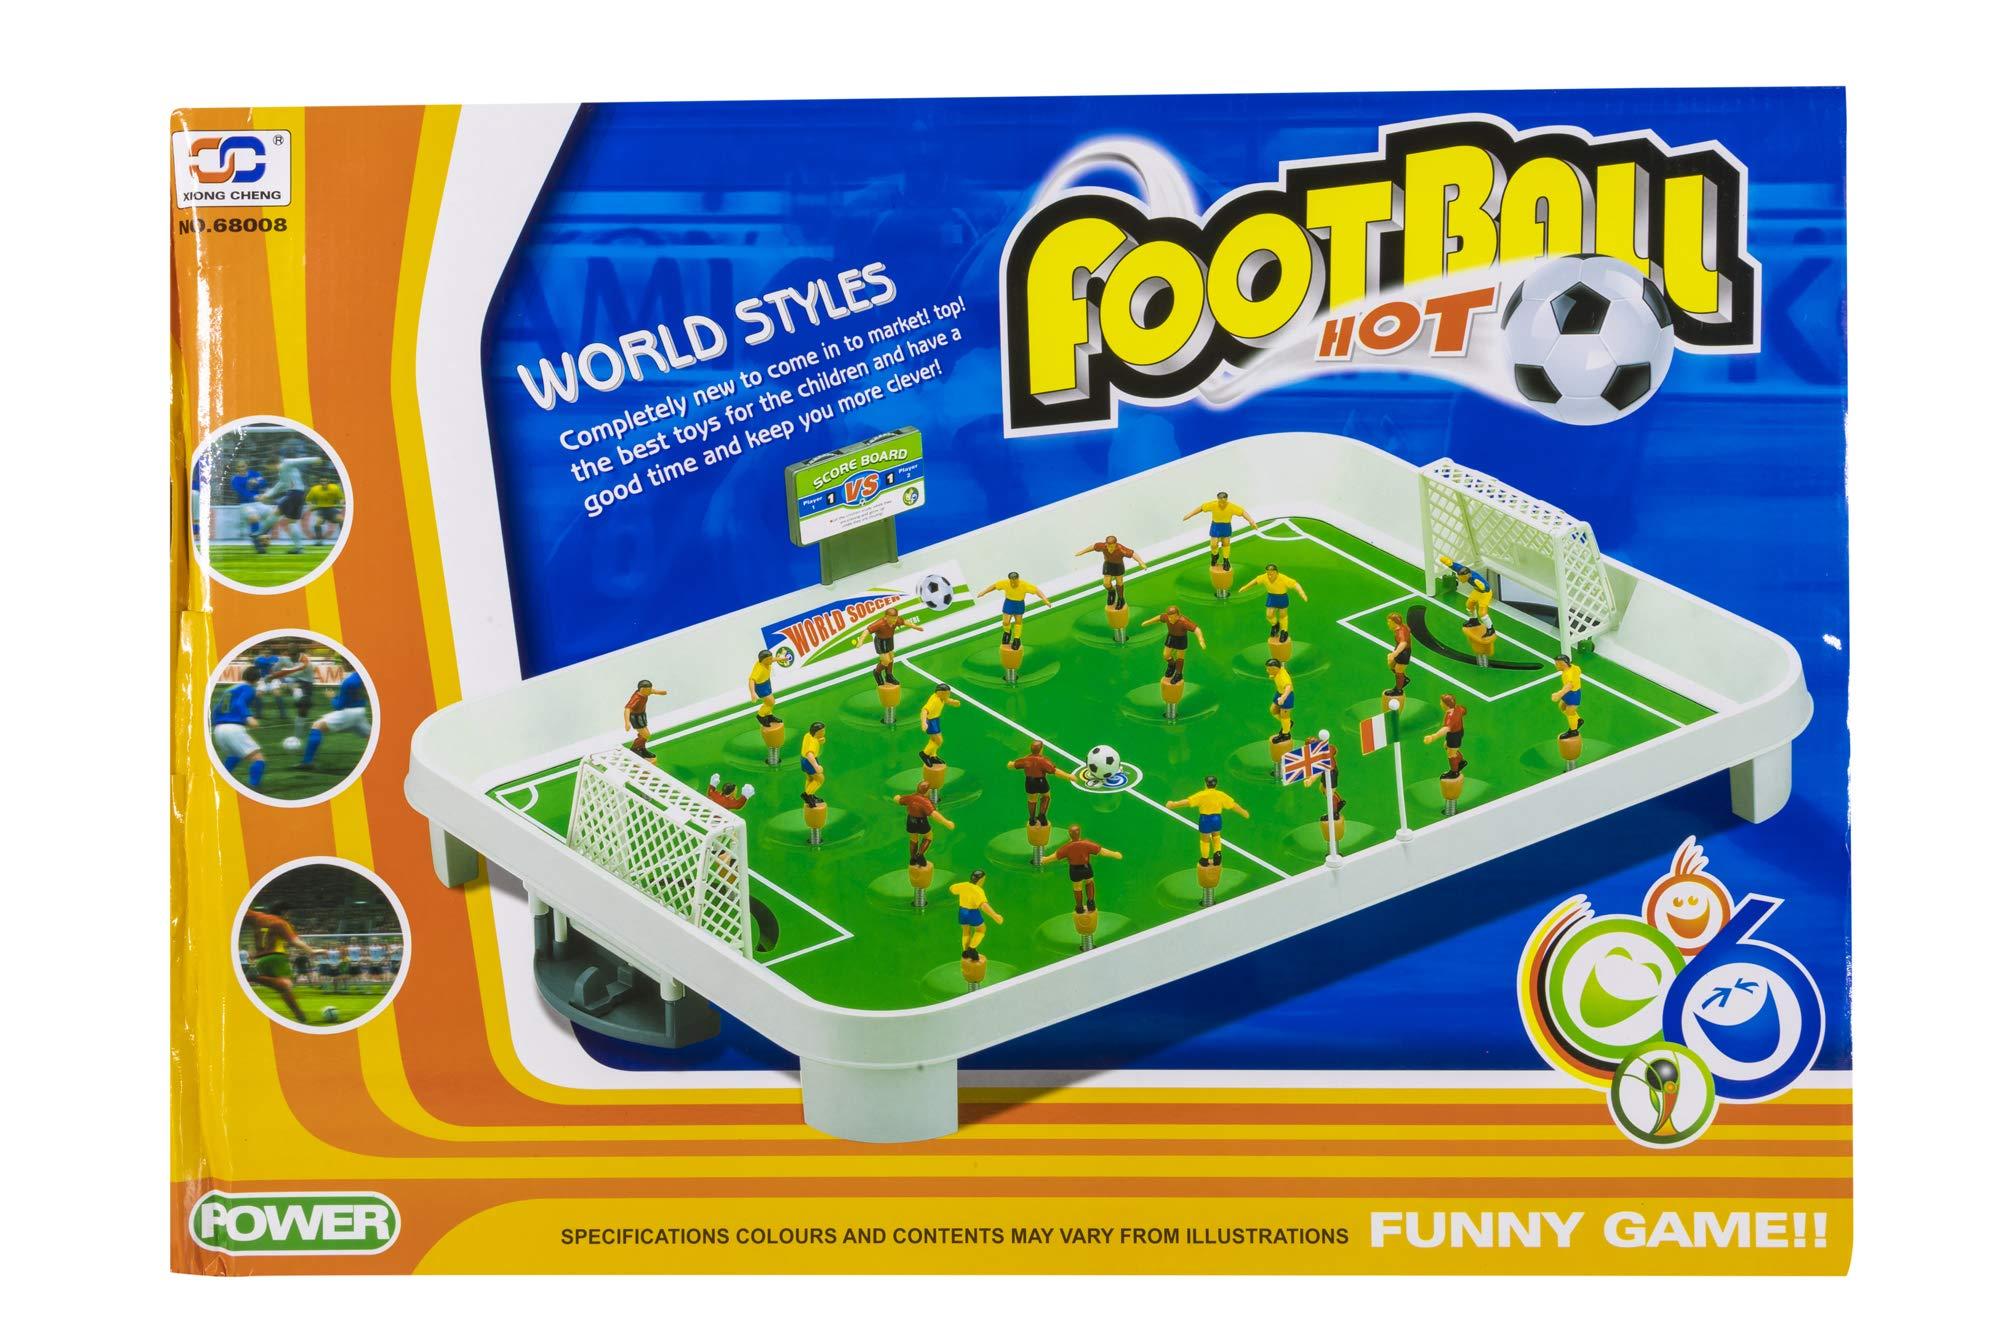 Toys Outlet Futbolin Muelles 53x27x13cm: Amazon.es: Juguetes y juegos